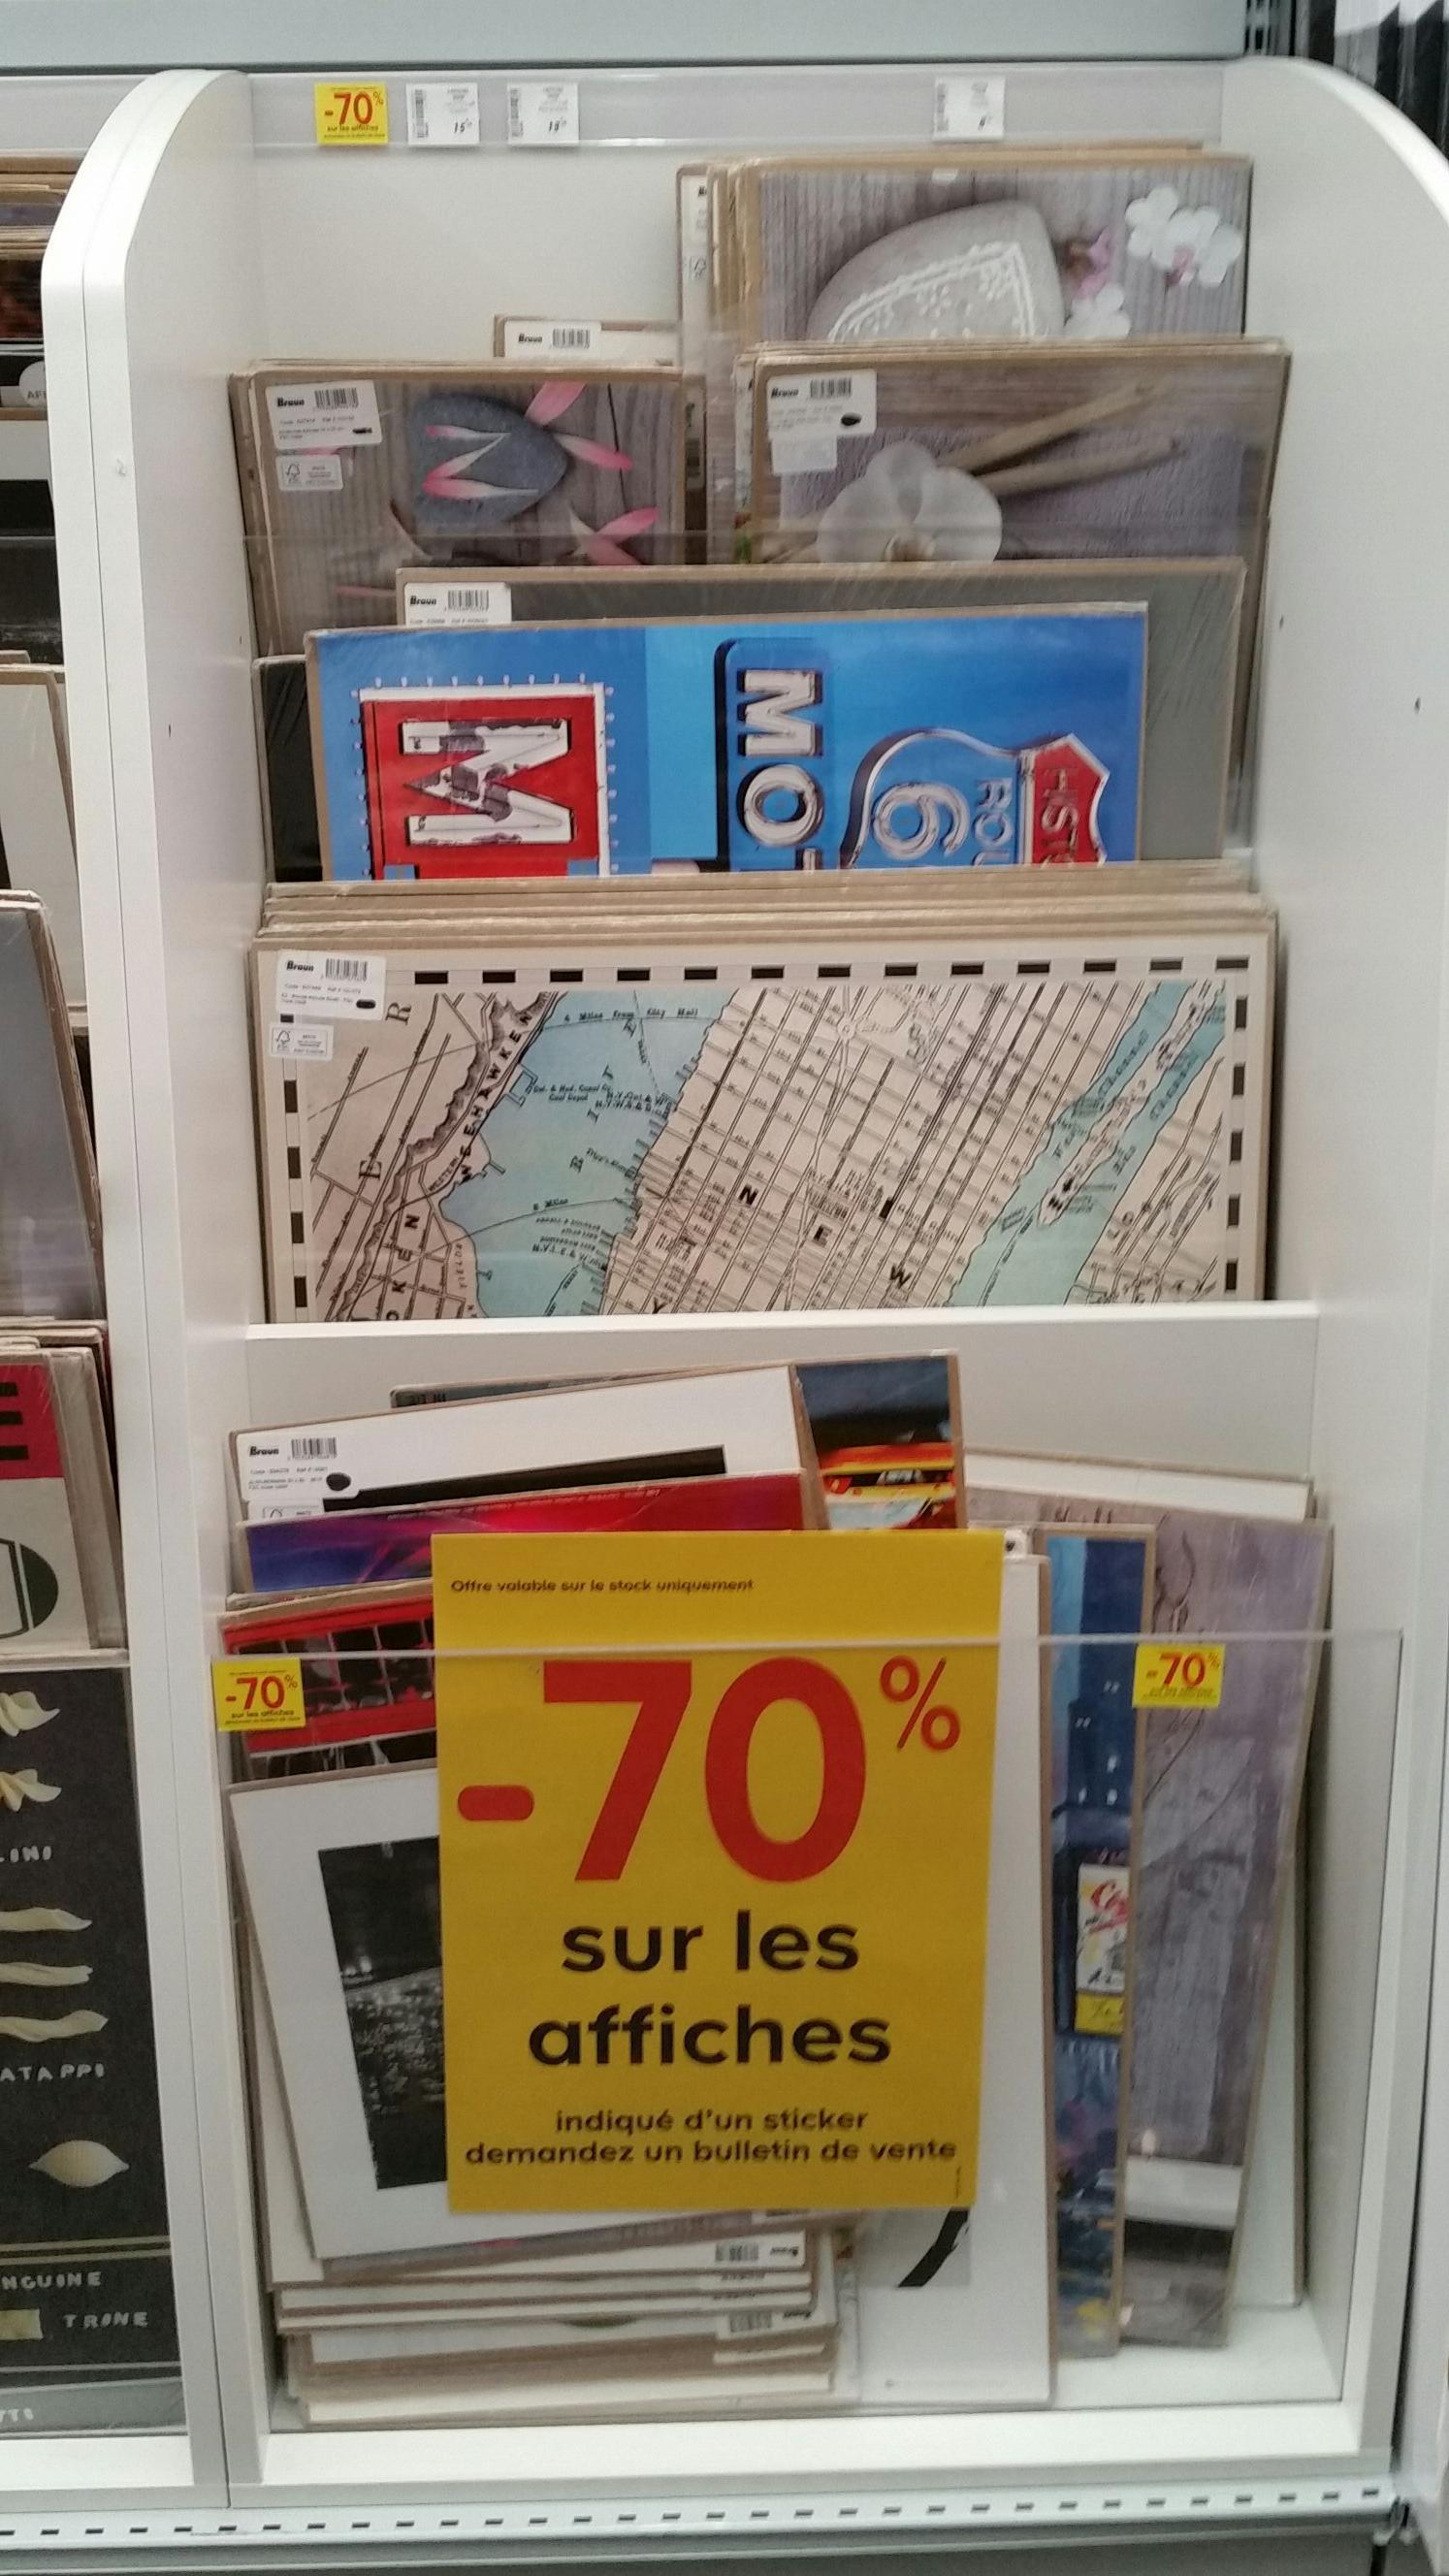 70% de réduction sur une sélection d'affiches décoratives - Ex : affiches 30x40 cm